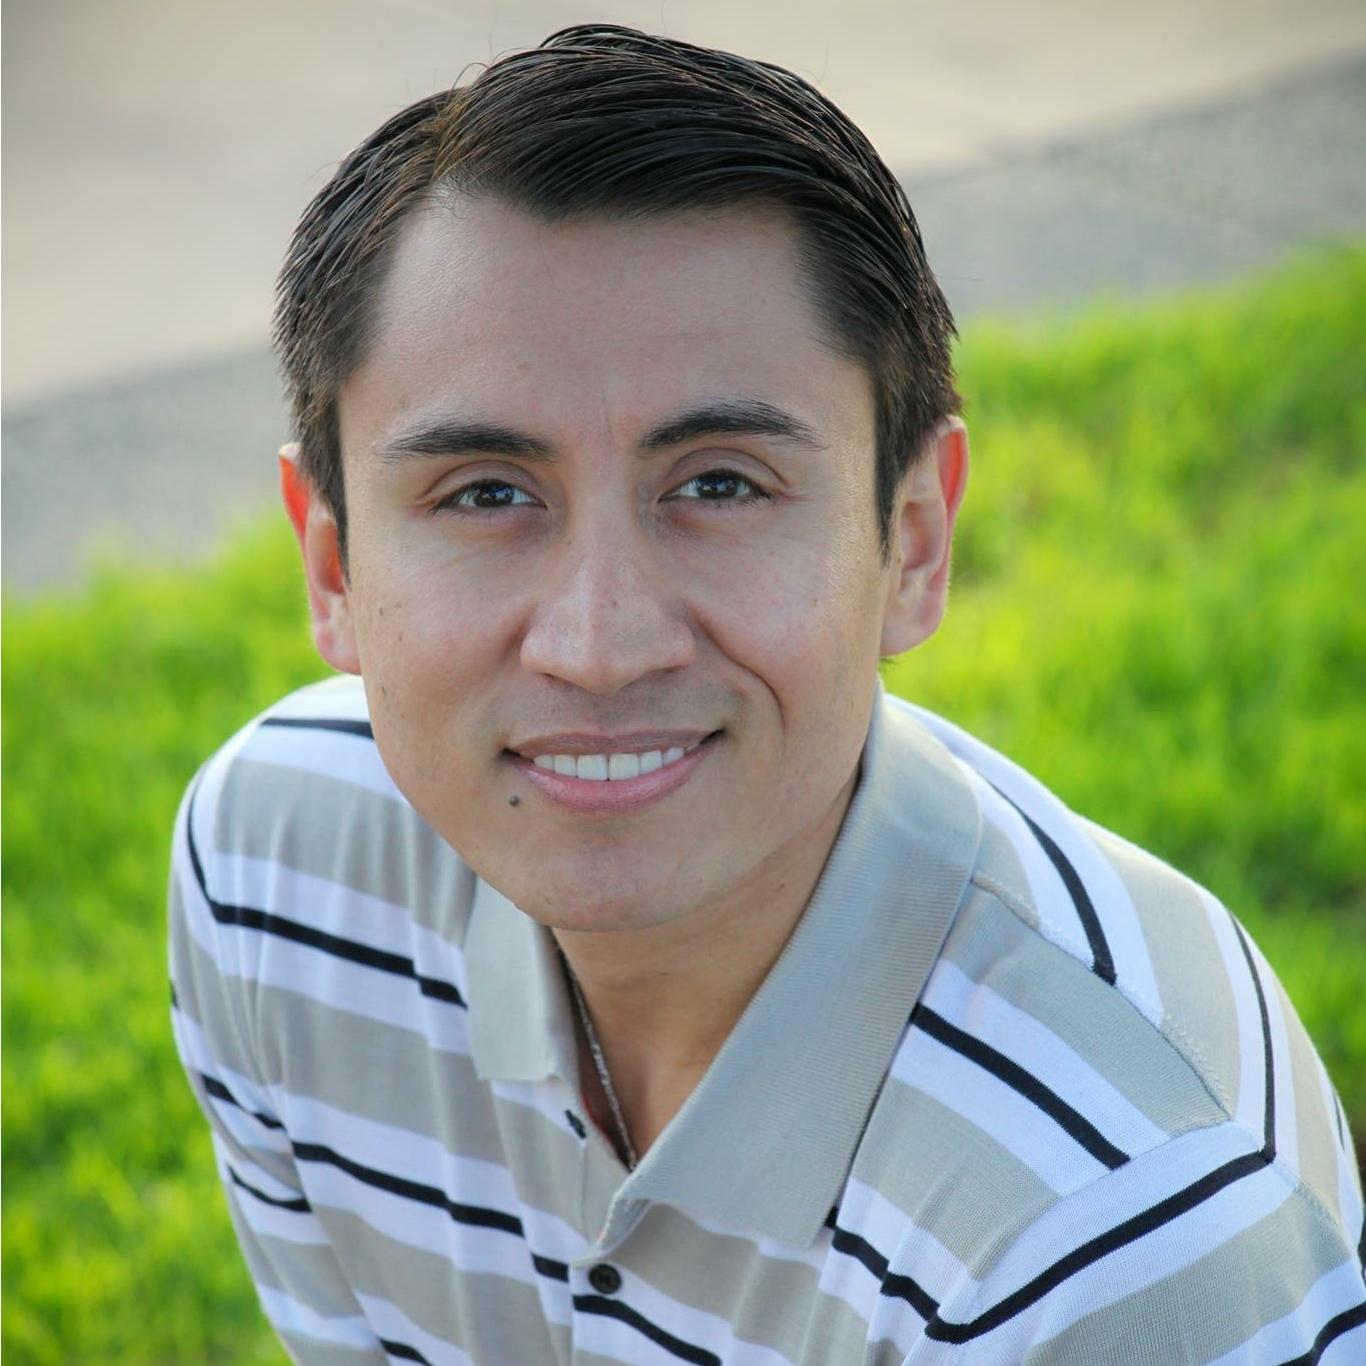 Eduardo Duran